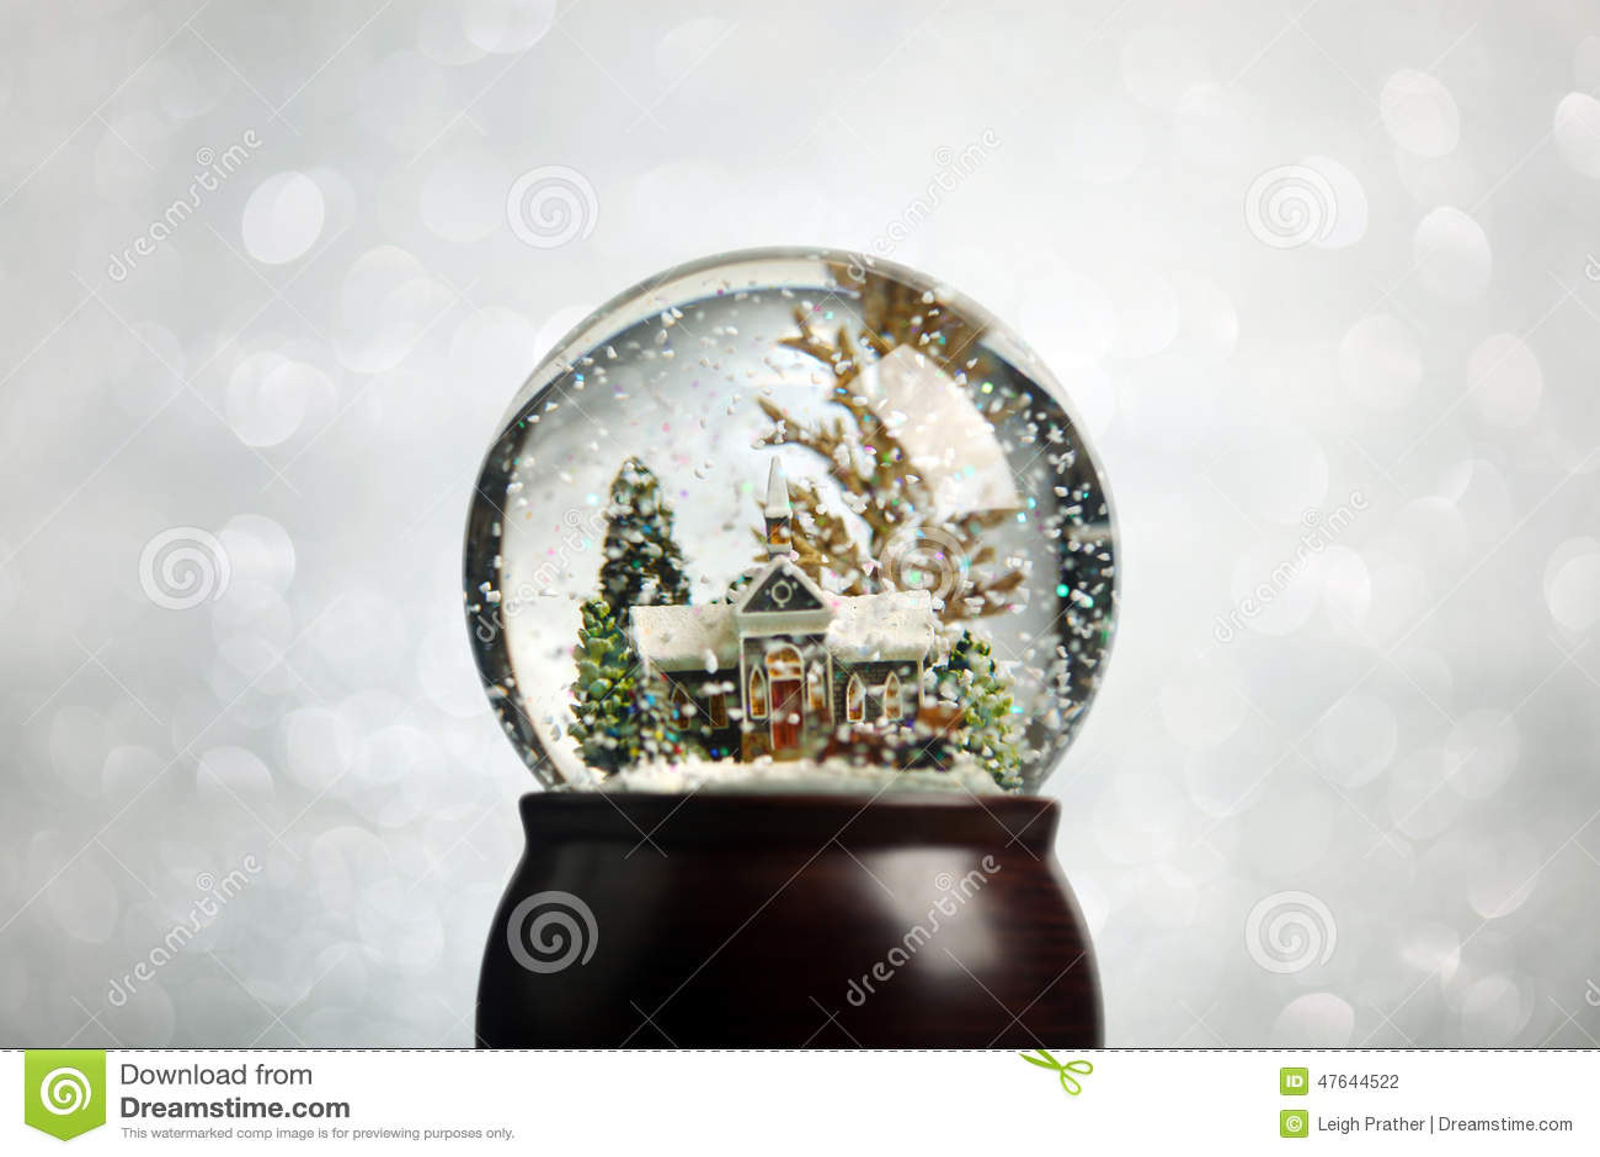 Christmas Snow Globe Stock Photo Image 47644522